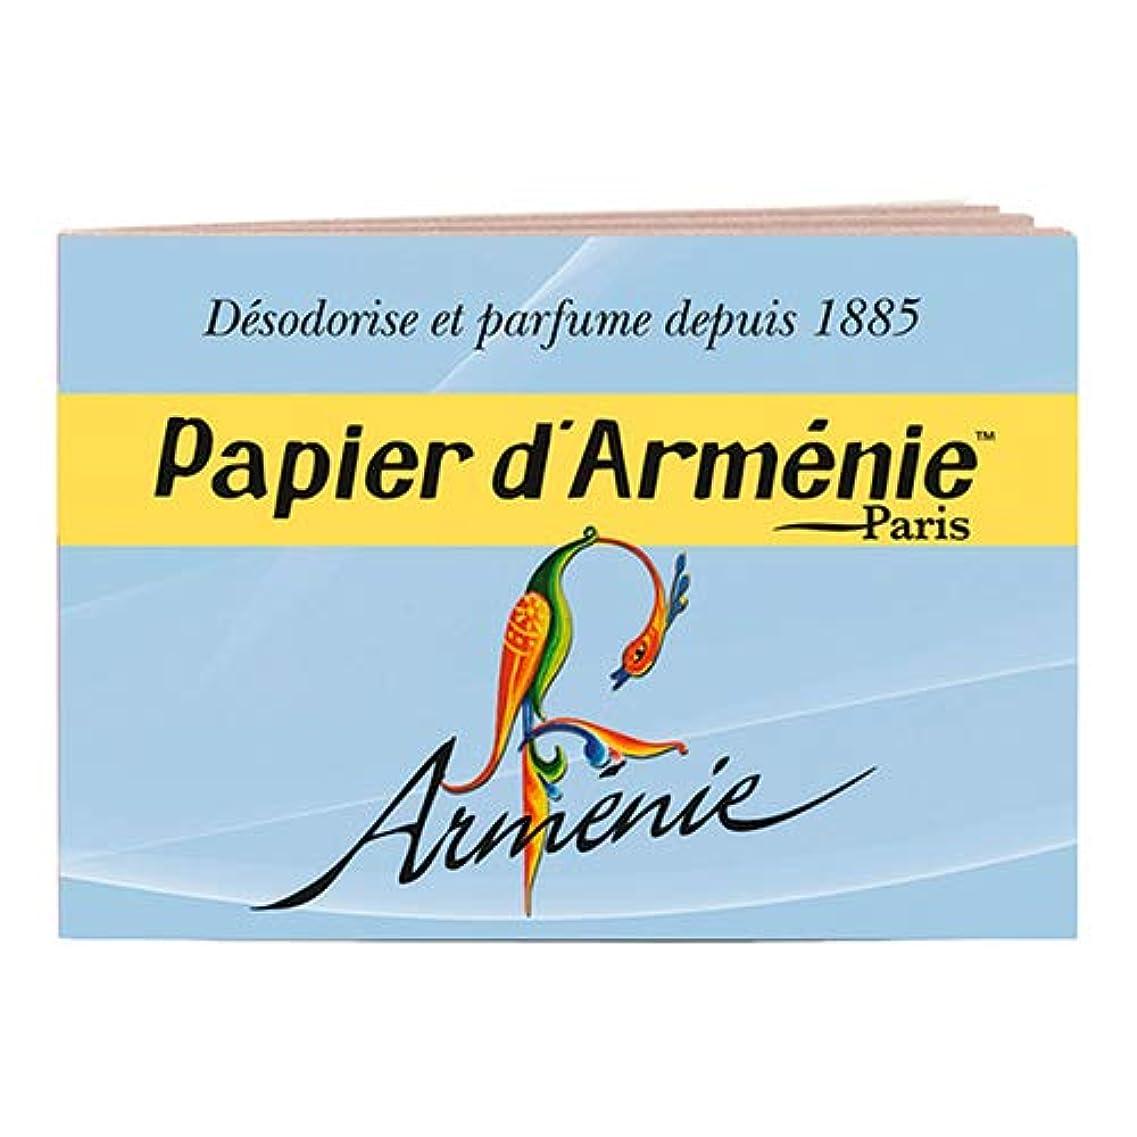 ご近所インサートマントパピエダルメニイ トリプル (青) 1冊(1シート3回分×12枚/36回分) アルメニイ(アニー) 紙のお香 インセンス PAPIER D'ARMENIE [並行輸入品]